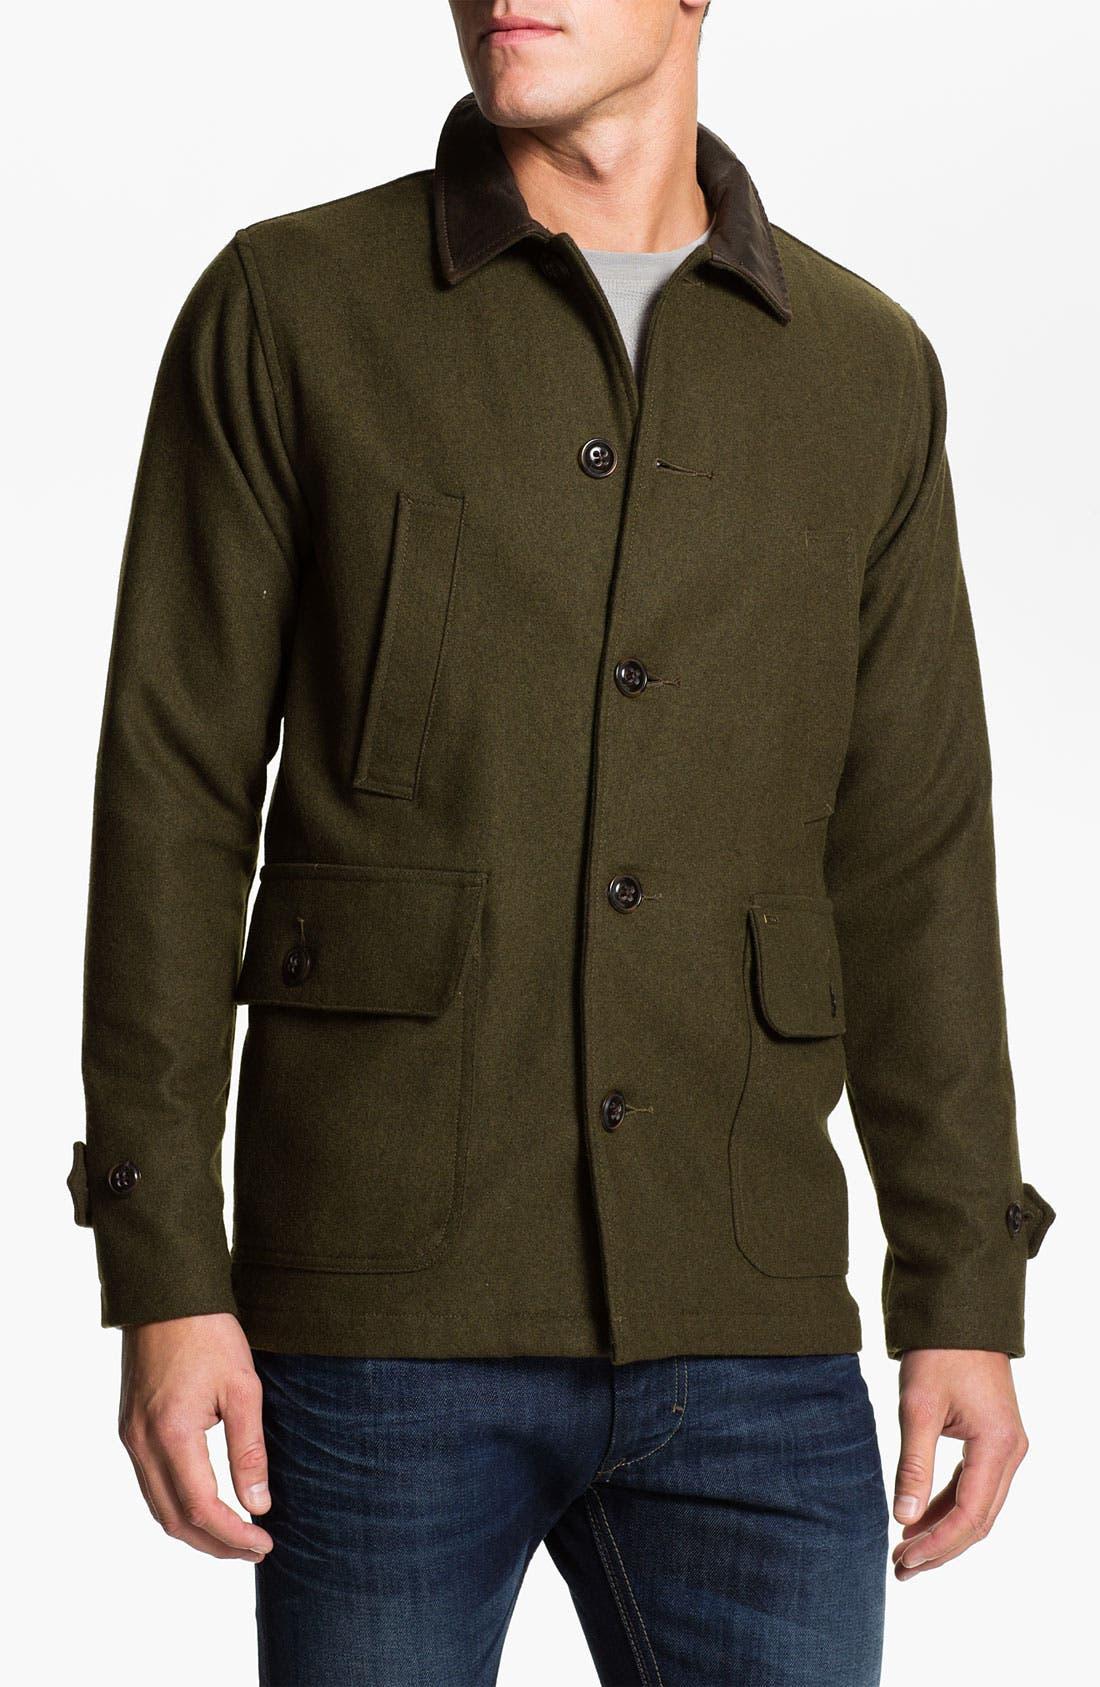 Main Image - Obey 'Berlin' Wool Blend Jacket